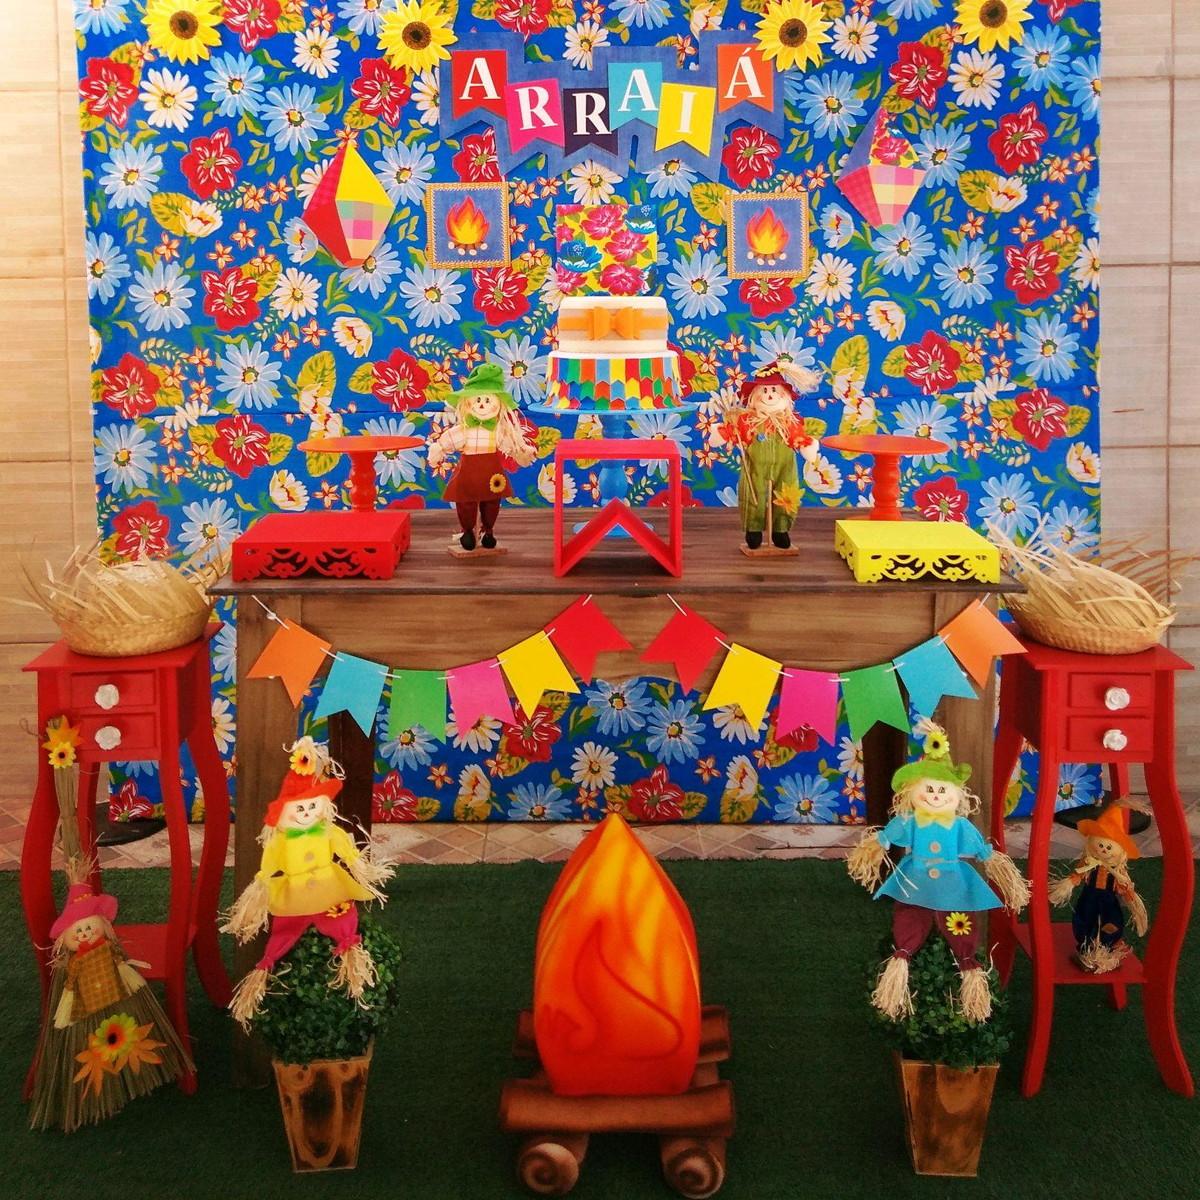 Decoraç u00e3o Festa Junina LOCA u00c7ÃO no Elo7 Rede Festas Decorações (C6D2D3) # Decoração De Balões Festa Junina